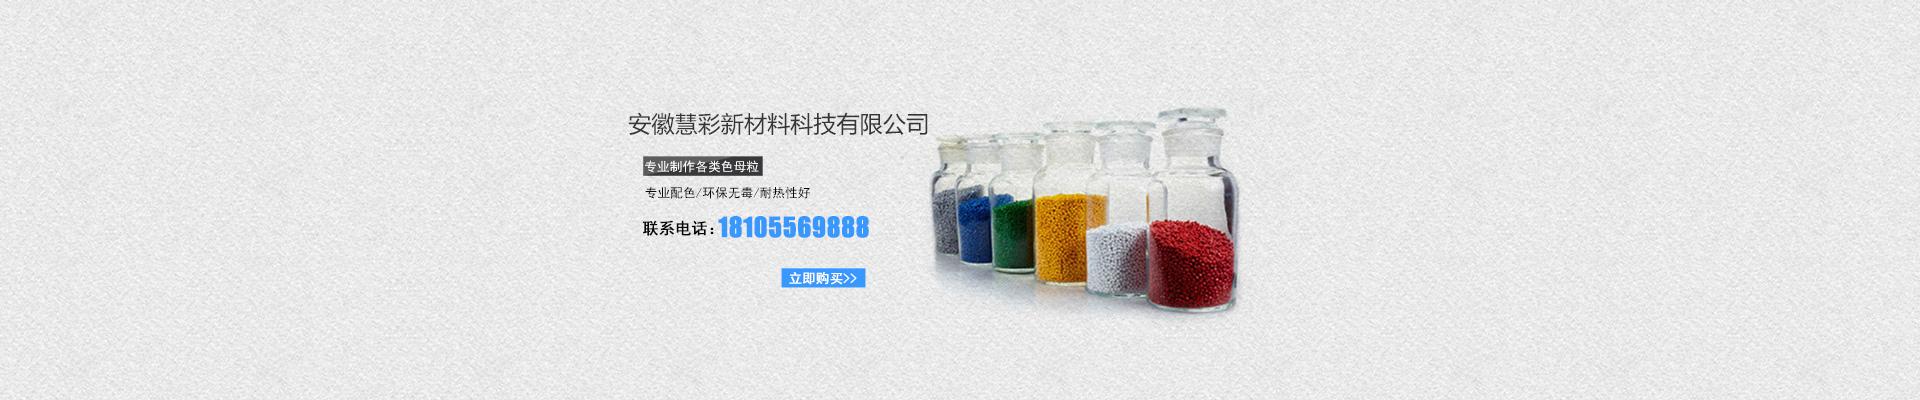 安徽慧彩新材料科技有限公司